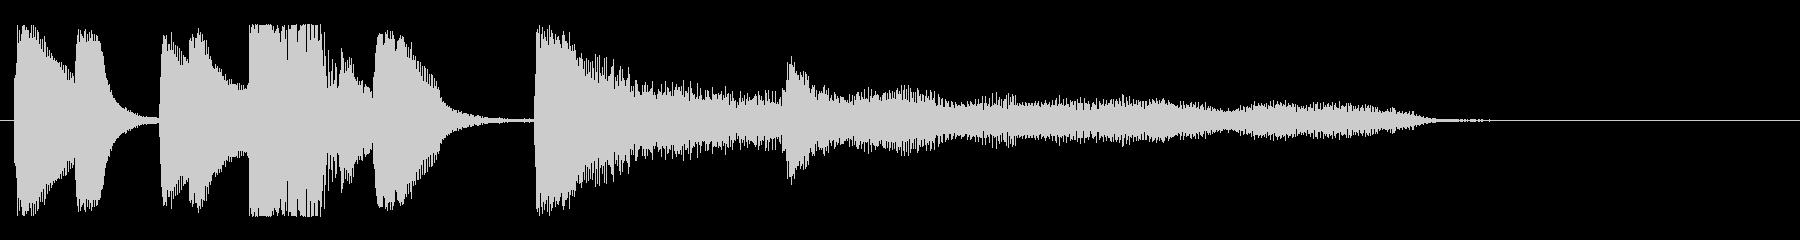 【バードランド2】の未再生の波形